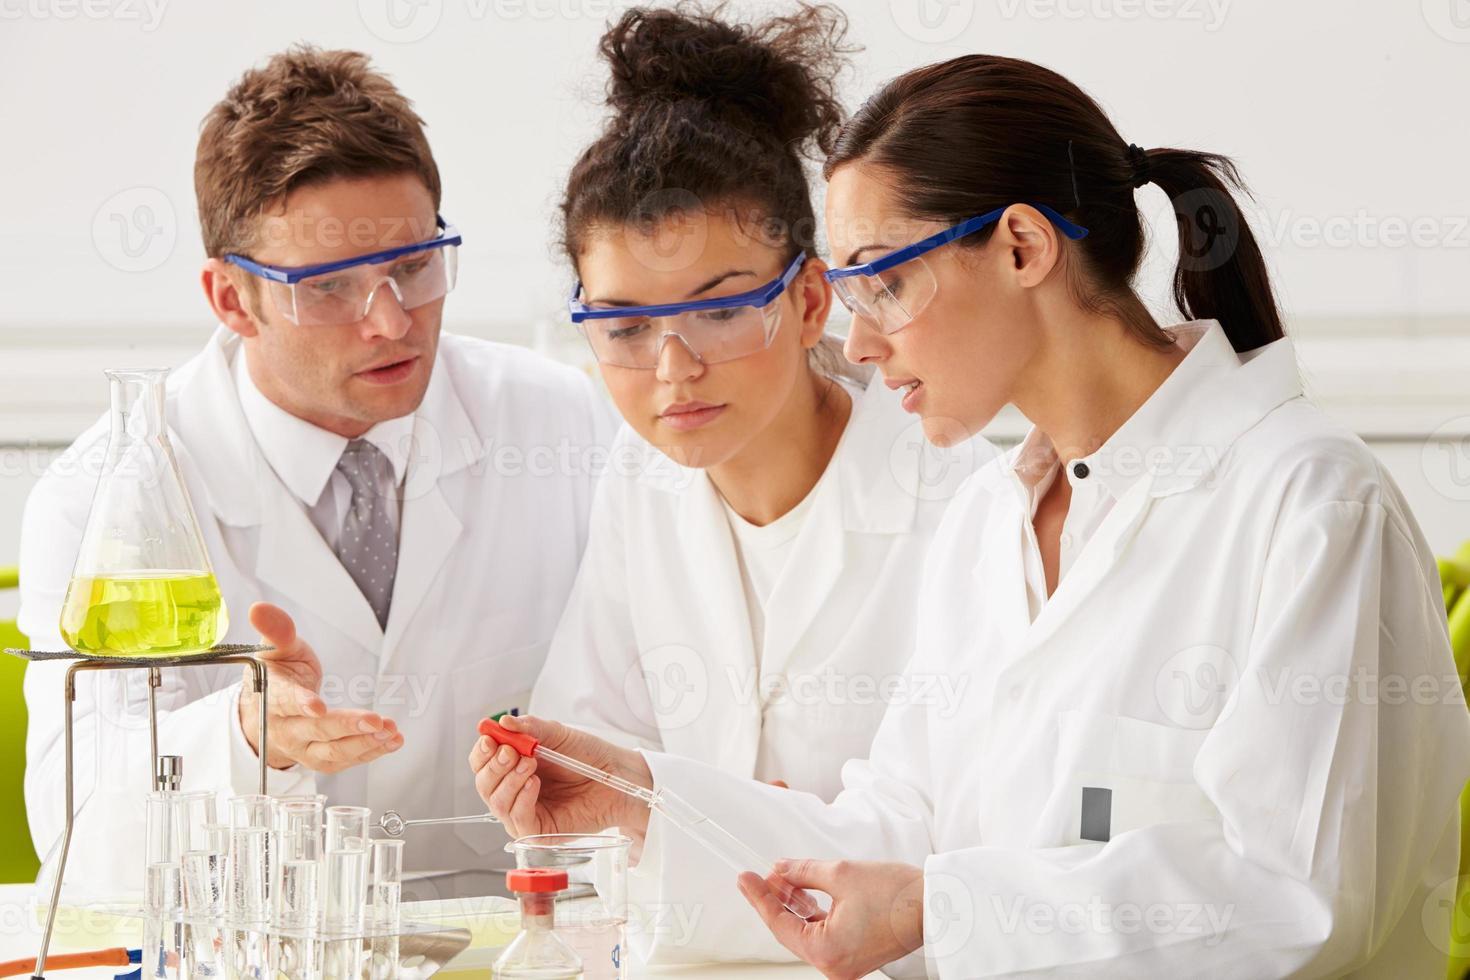 gruppo di scienziati che eseguono esperimenti in laboratorio foto